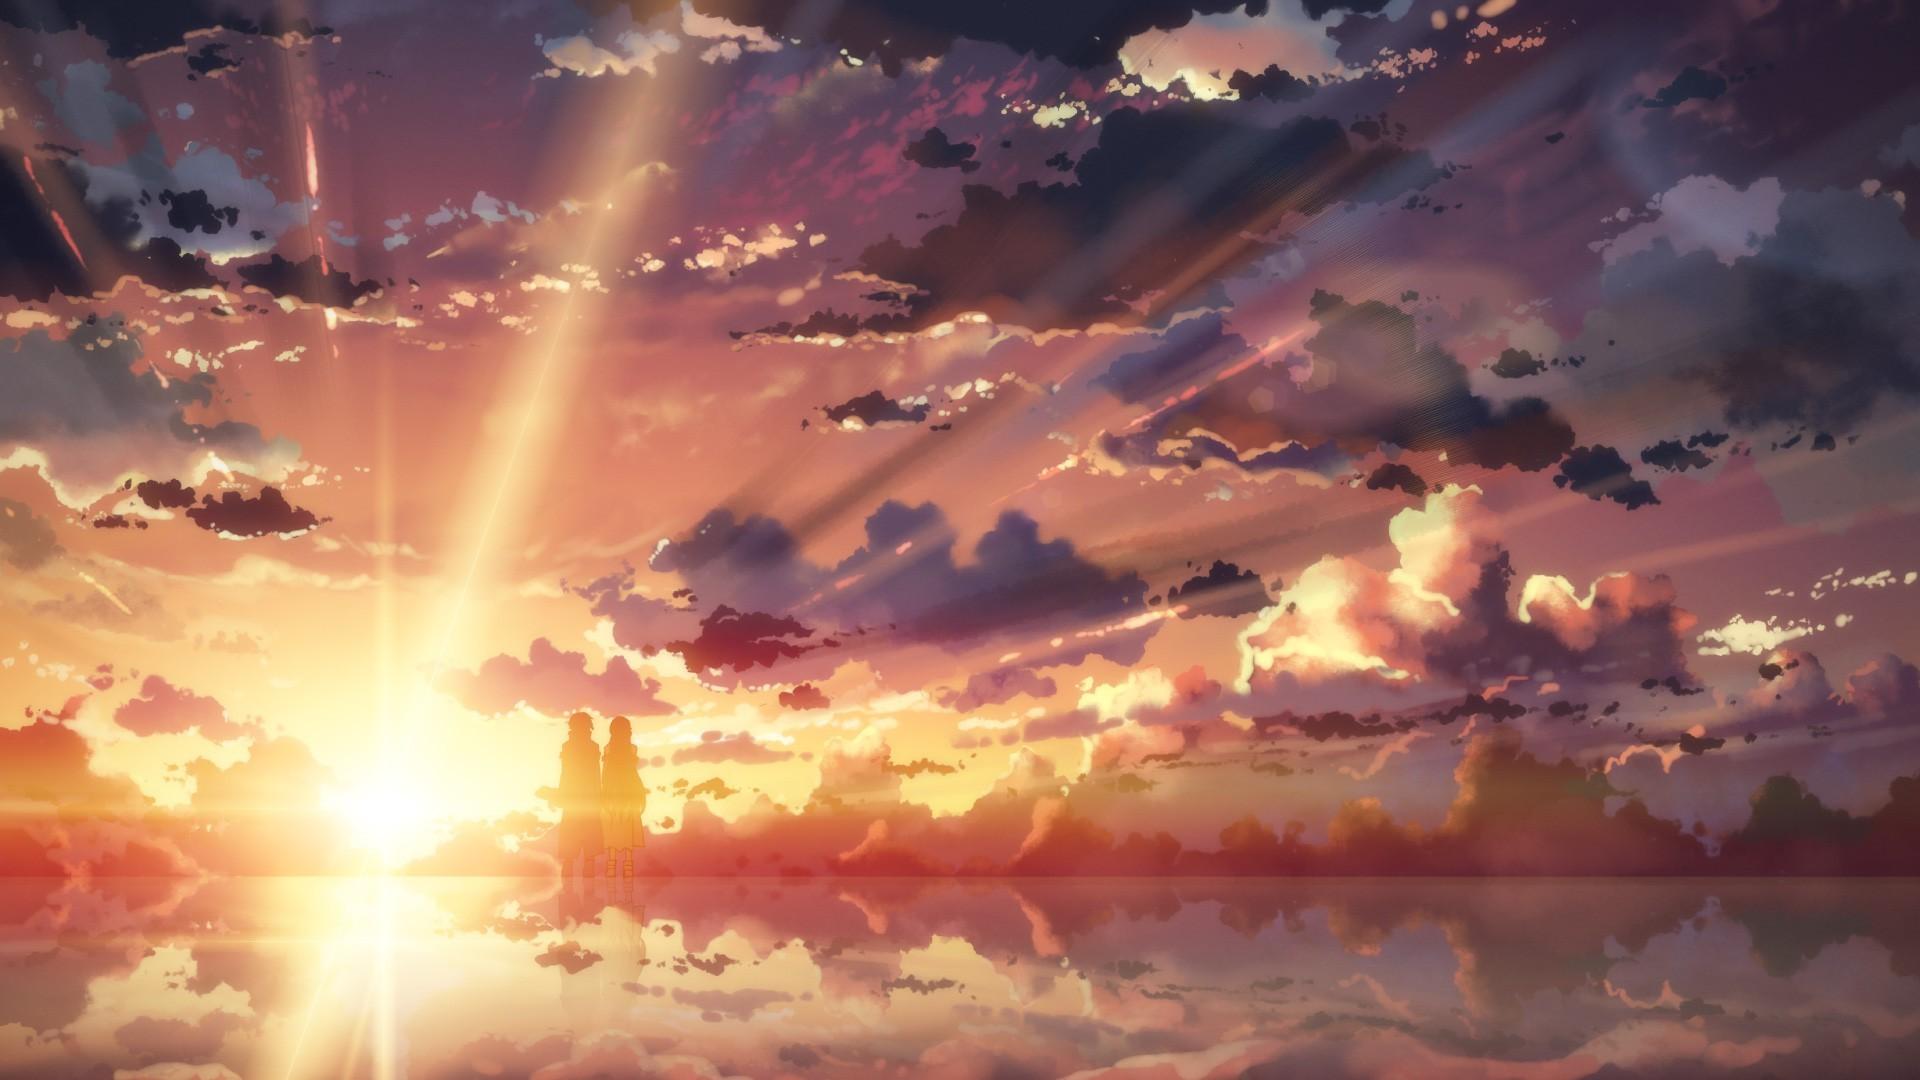 Wallpapers Sword Art Online HD K Taringa! 1920×1080 Sword Art Online  Wallpaper (